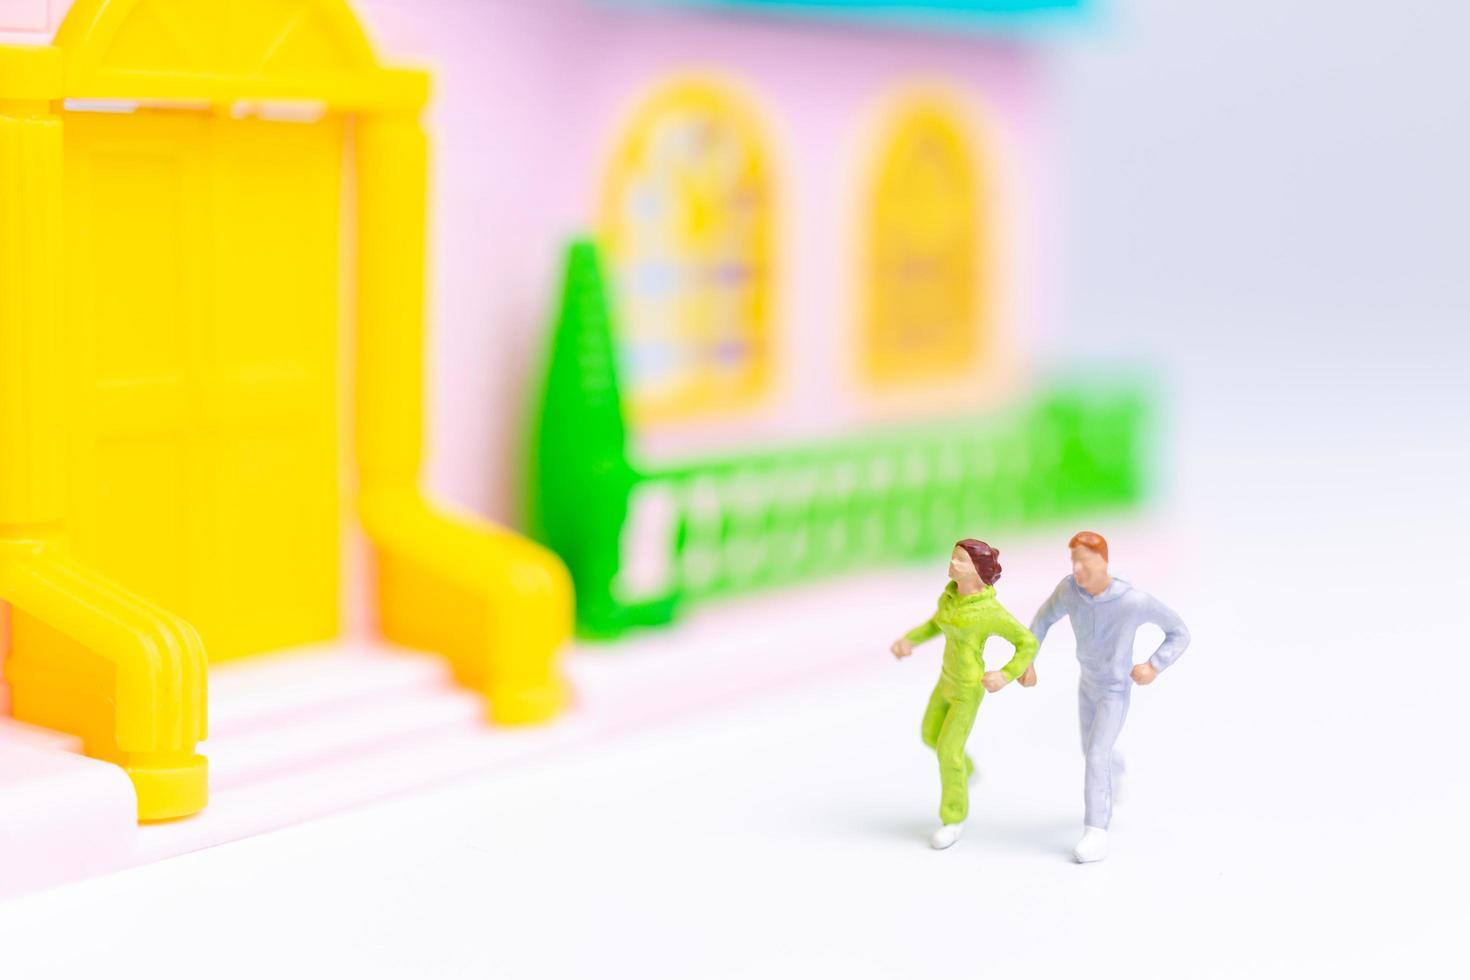 deux figurines en cours d'exécution photo